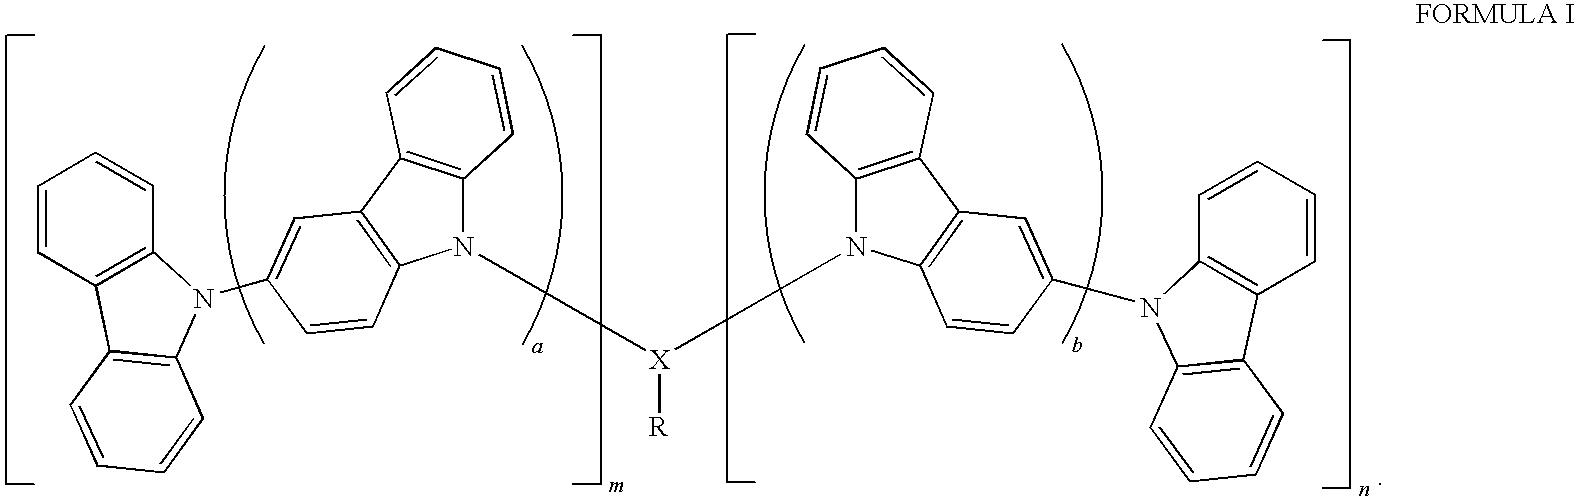 Figure US20090134784A1-20090528-C00003